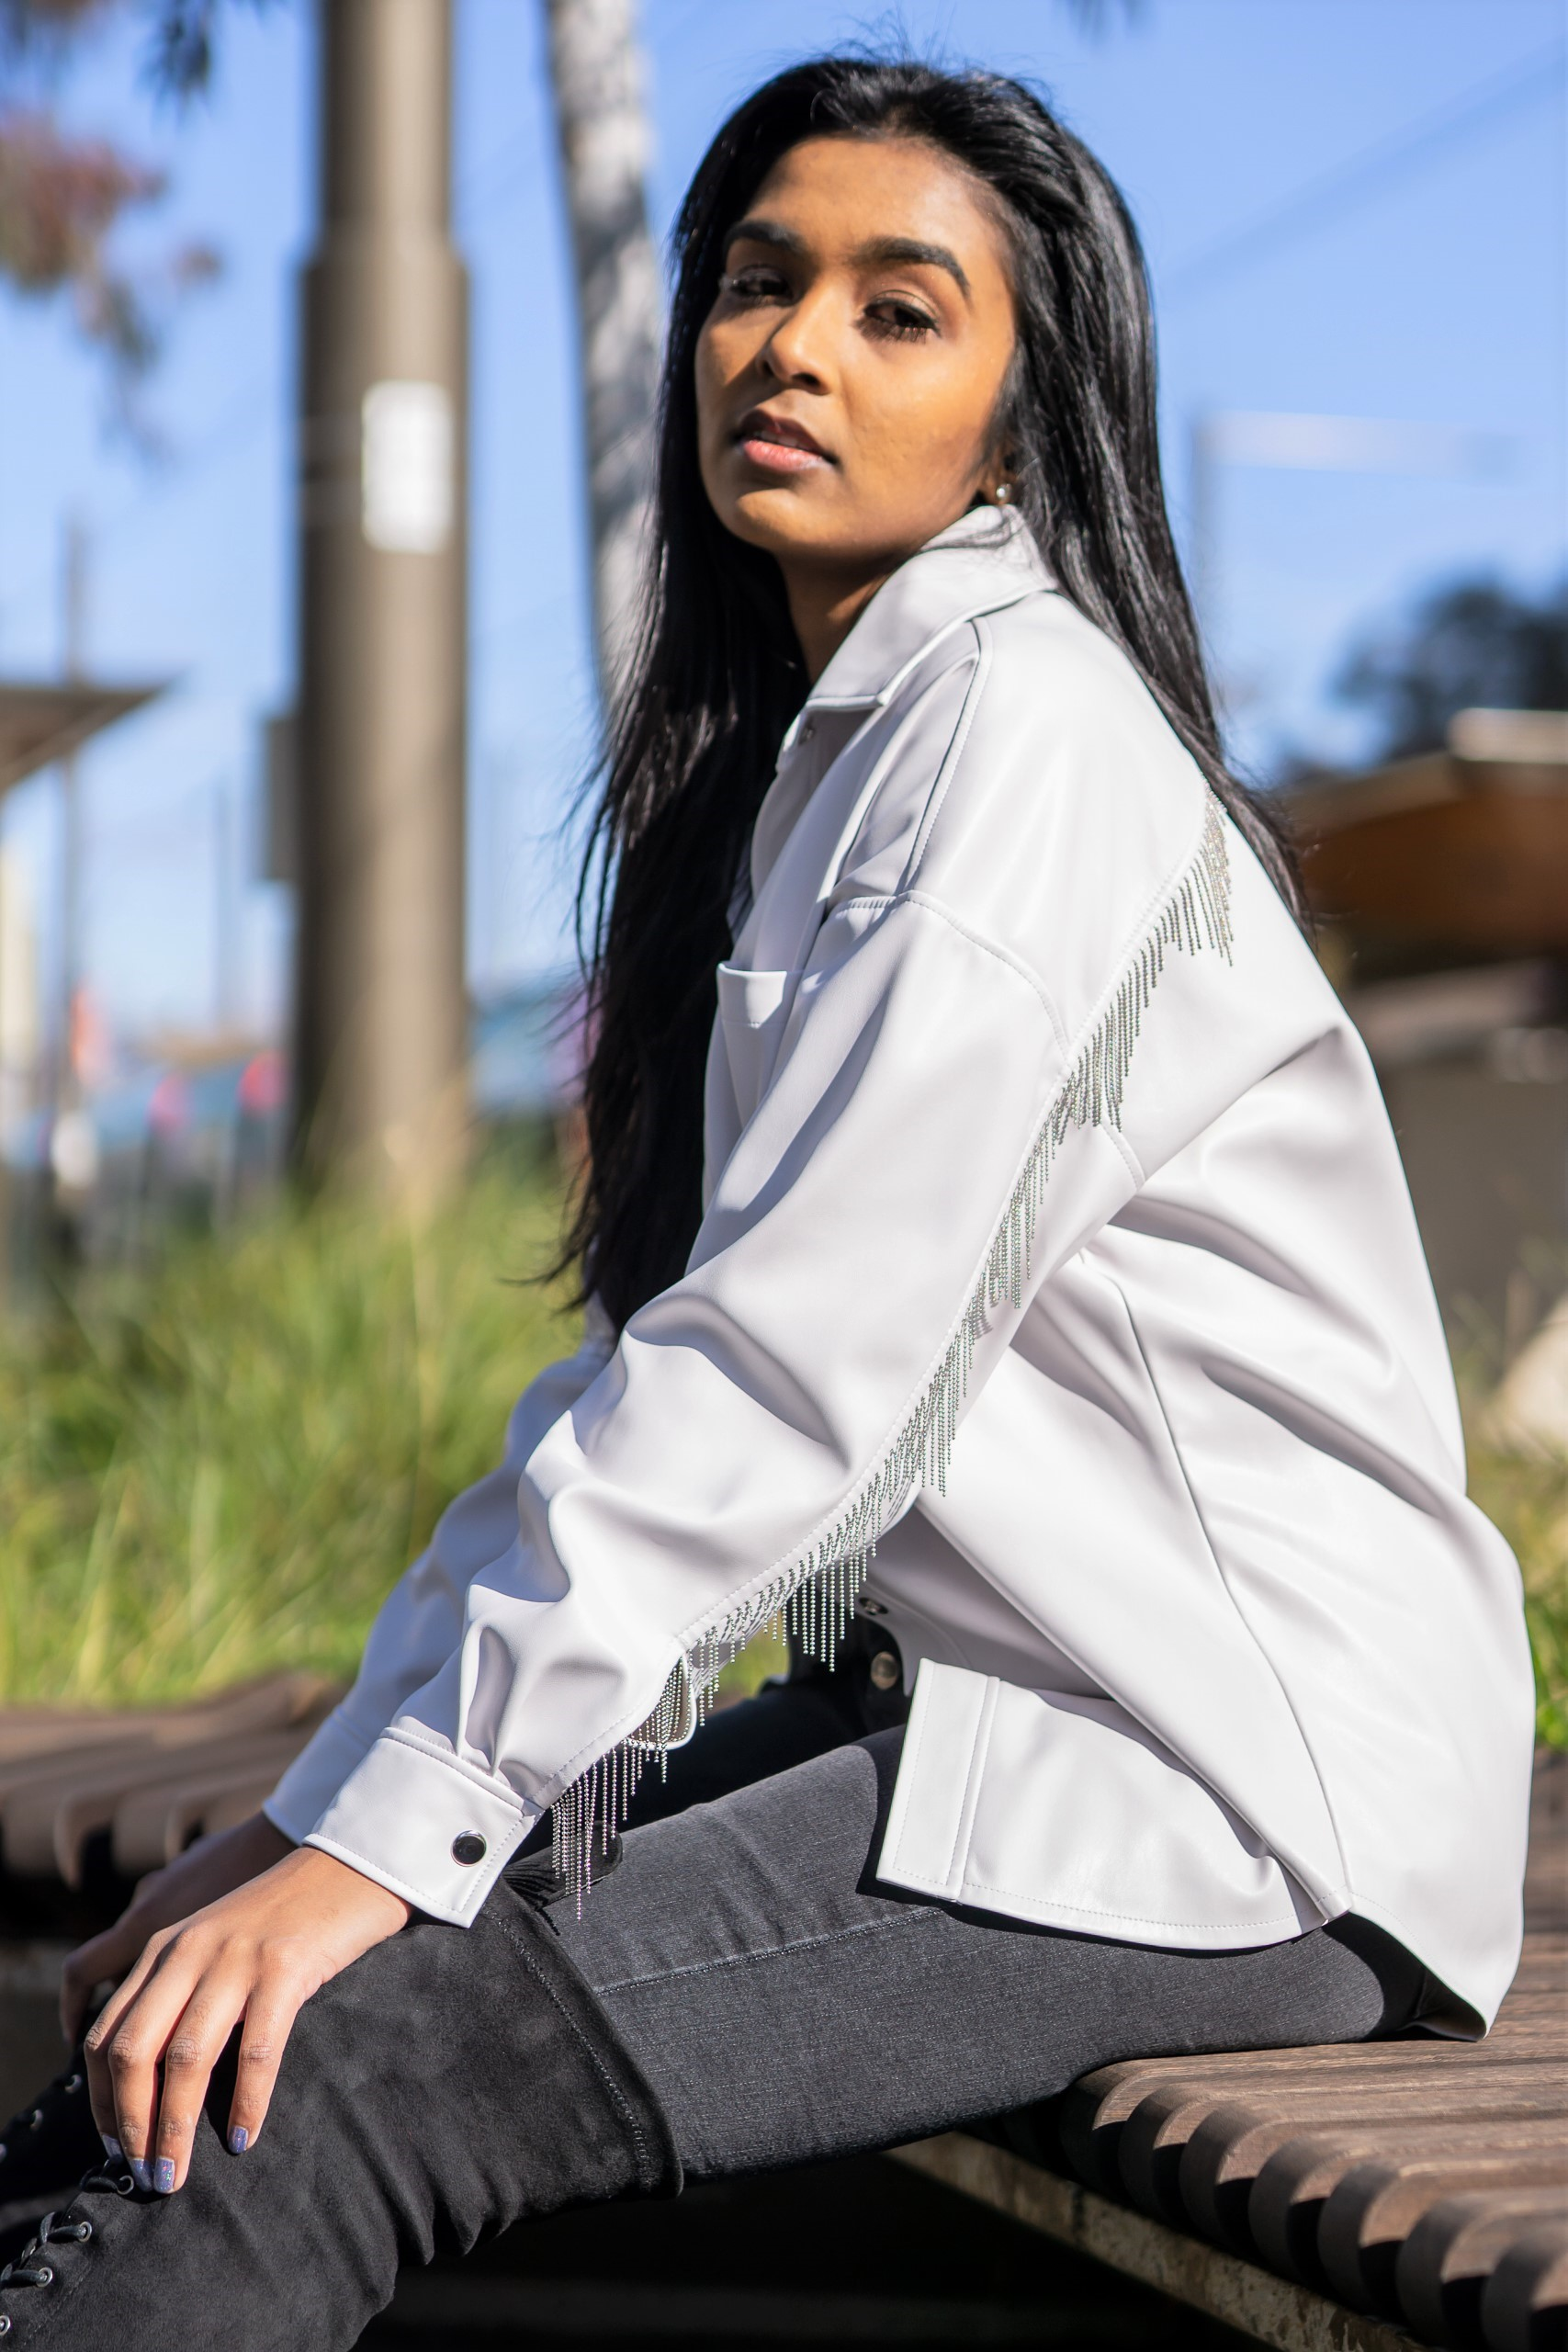 White leather shirt-jacket